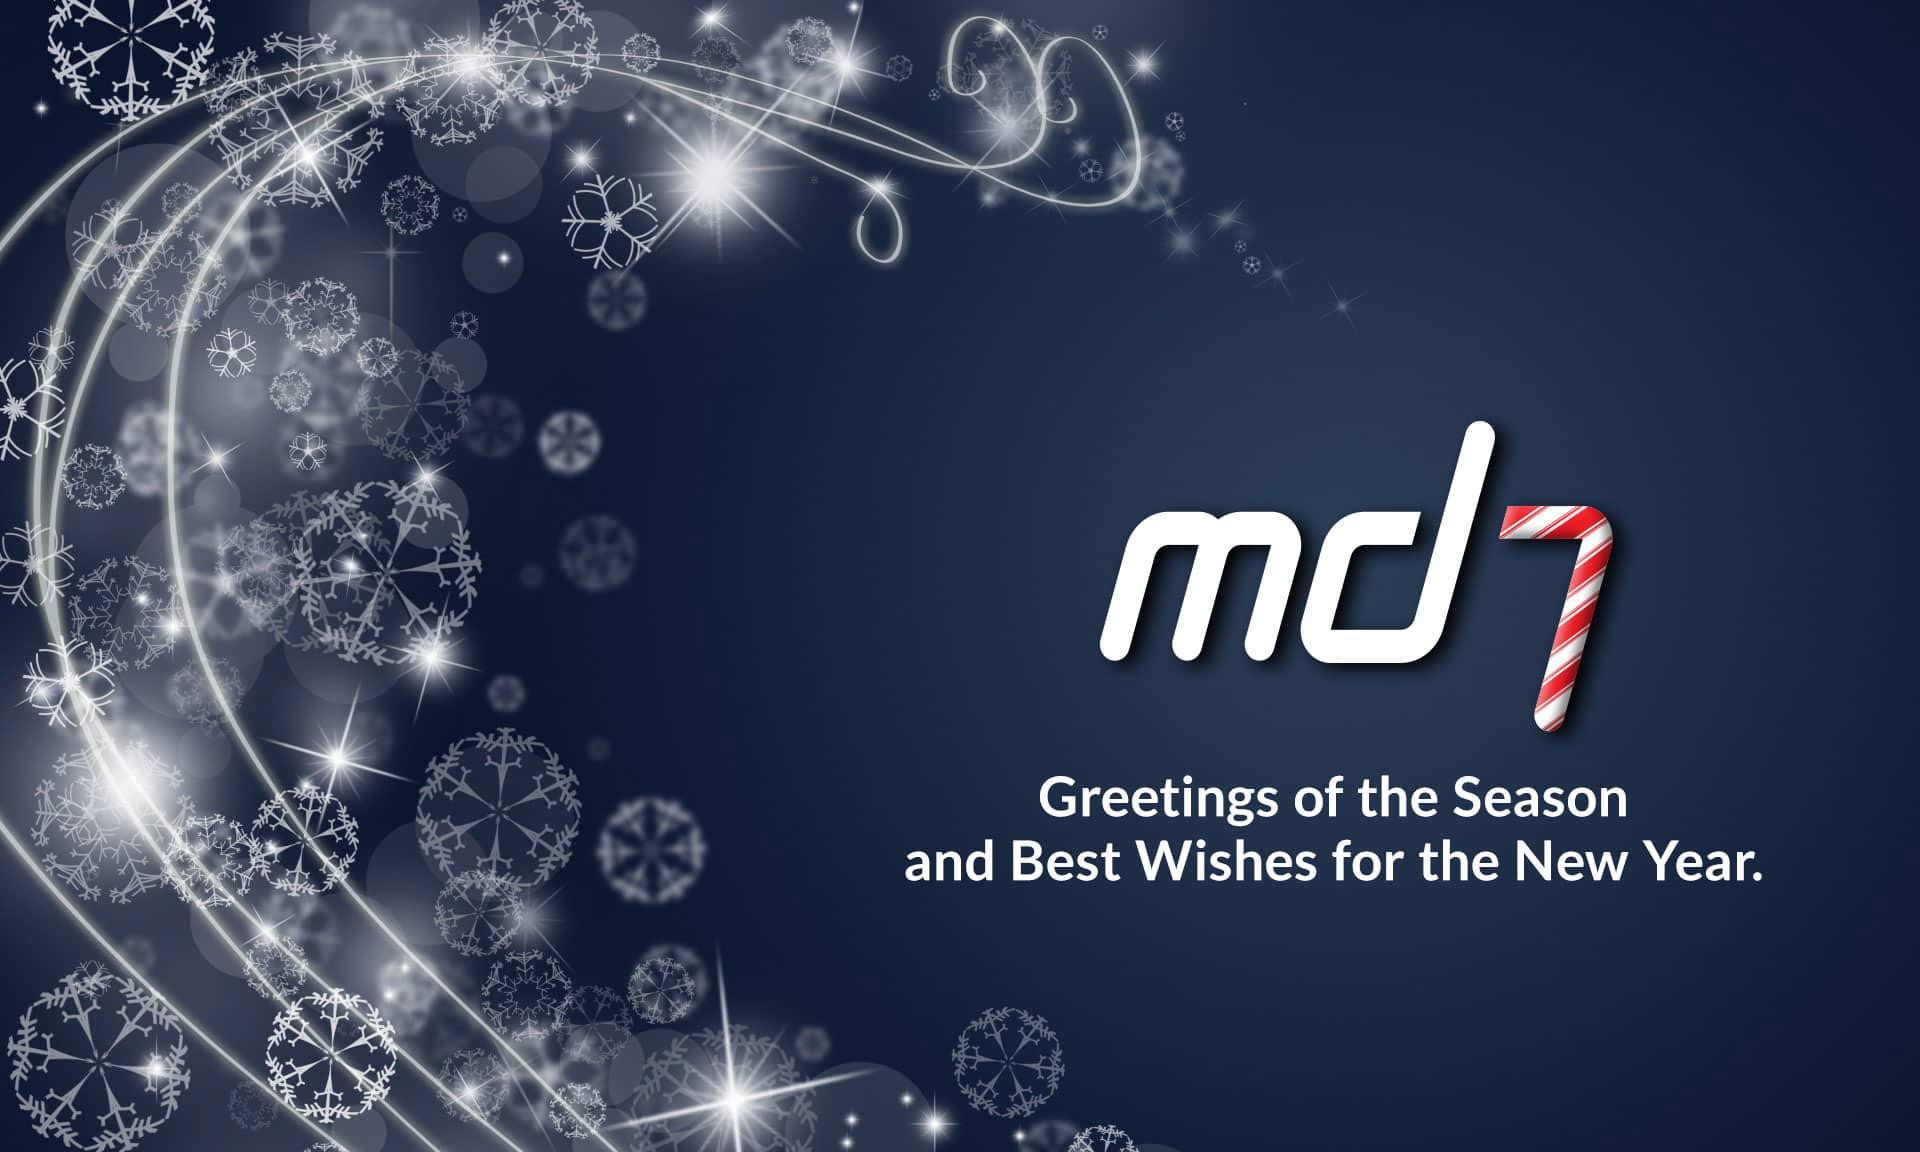 Md7 Seasons Greatings 2018